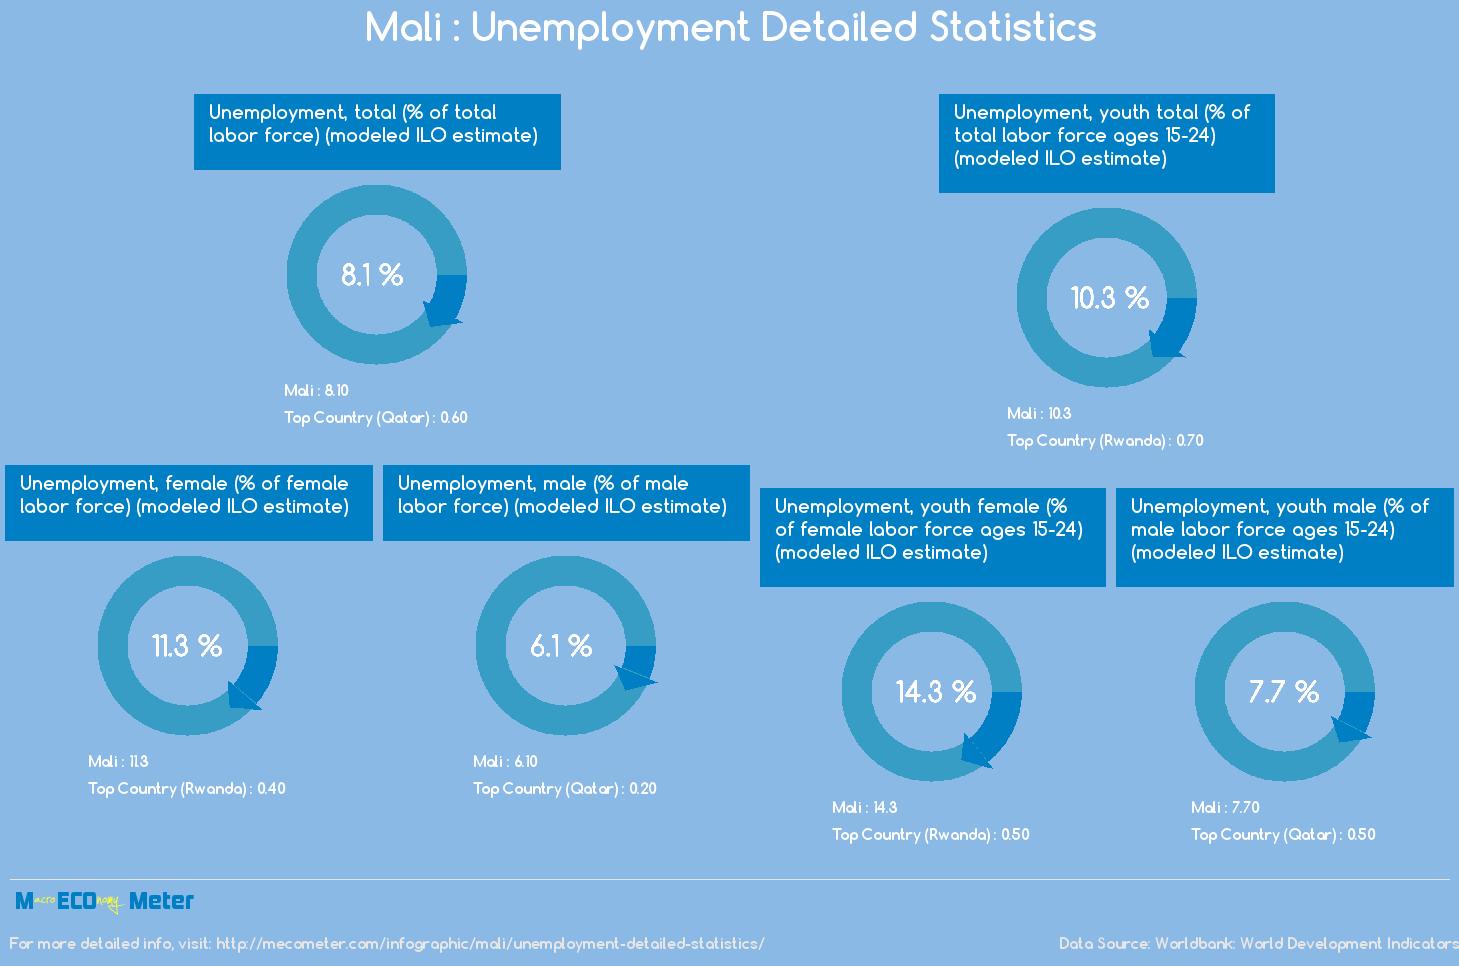 Mali : Unemployment Detailed Statistics